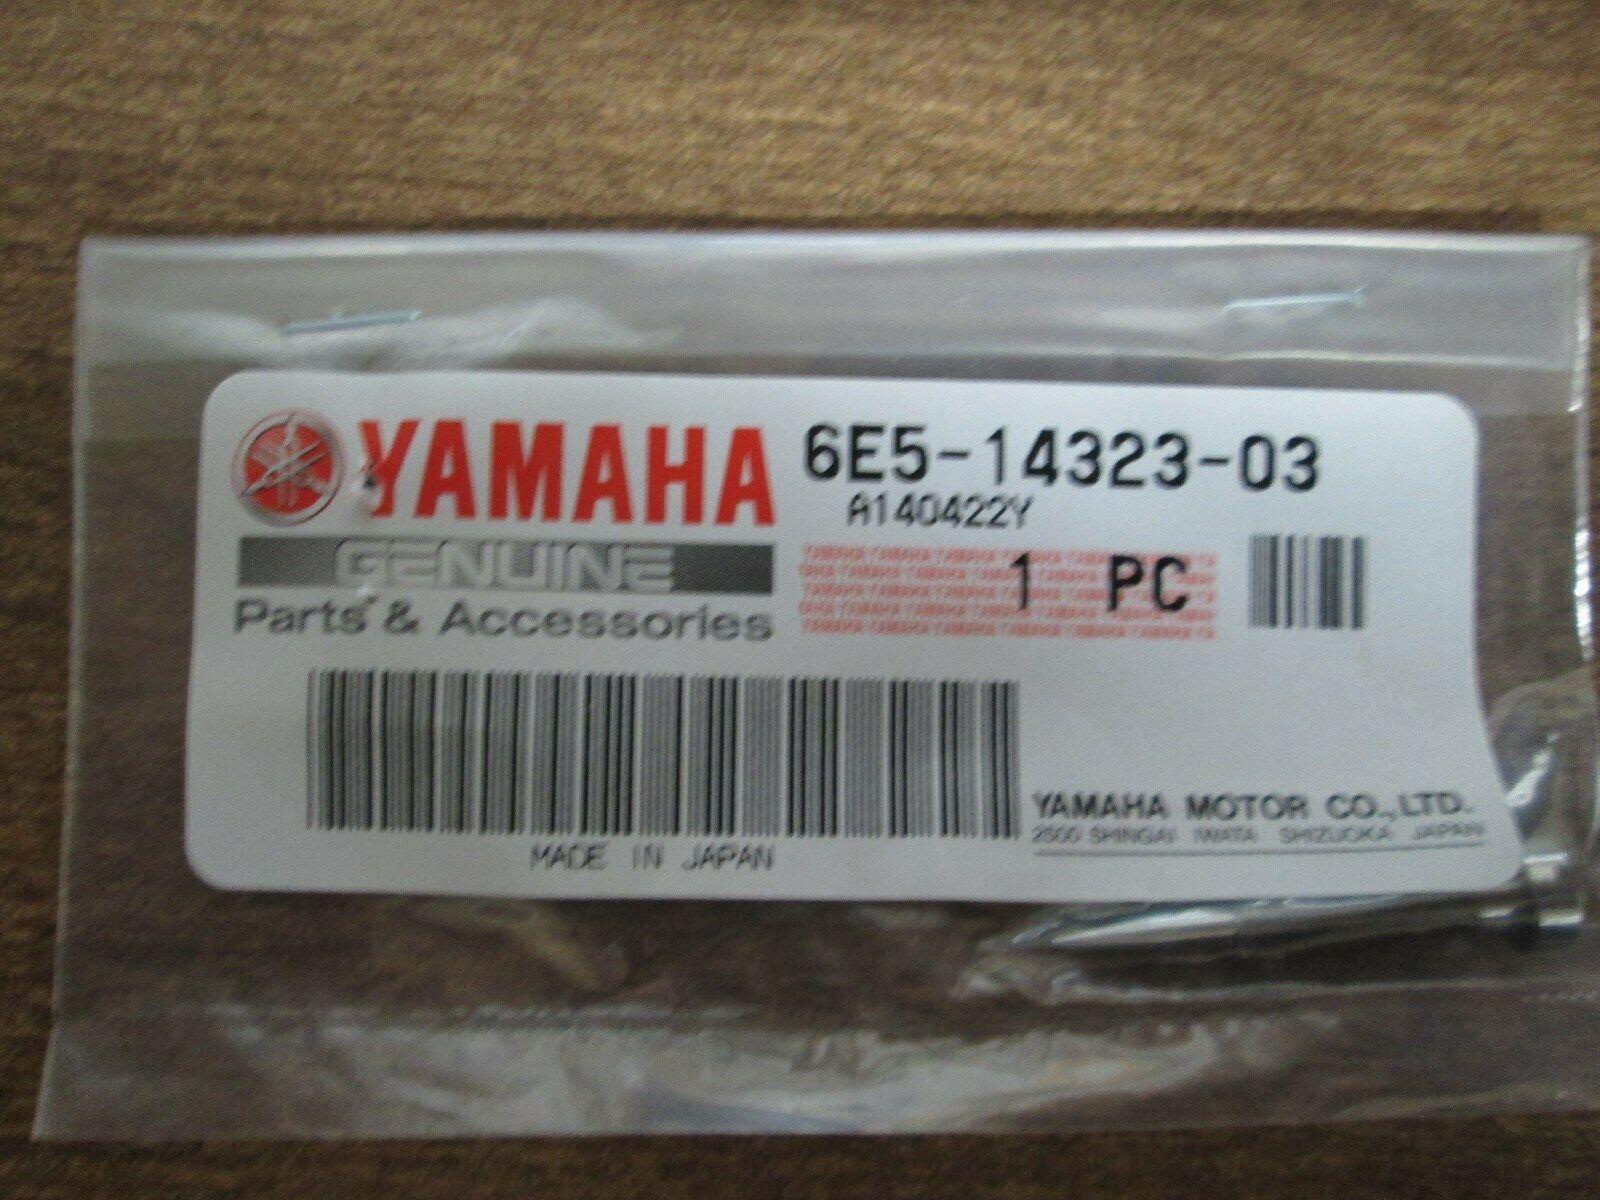 Fits Yamaha YZ250 1996-2019 Tusk Idle Adjustment Screw Black